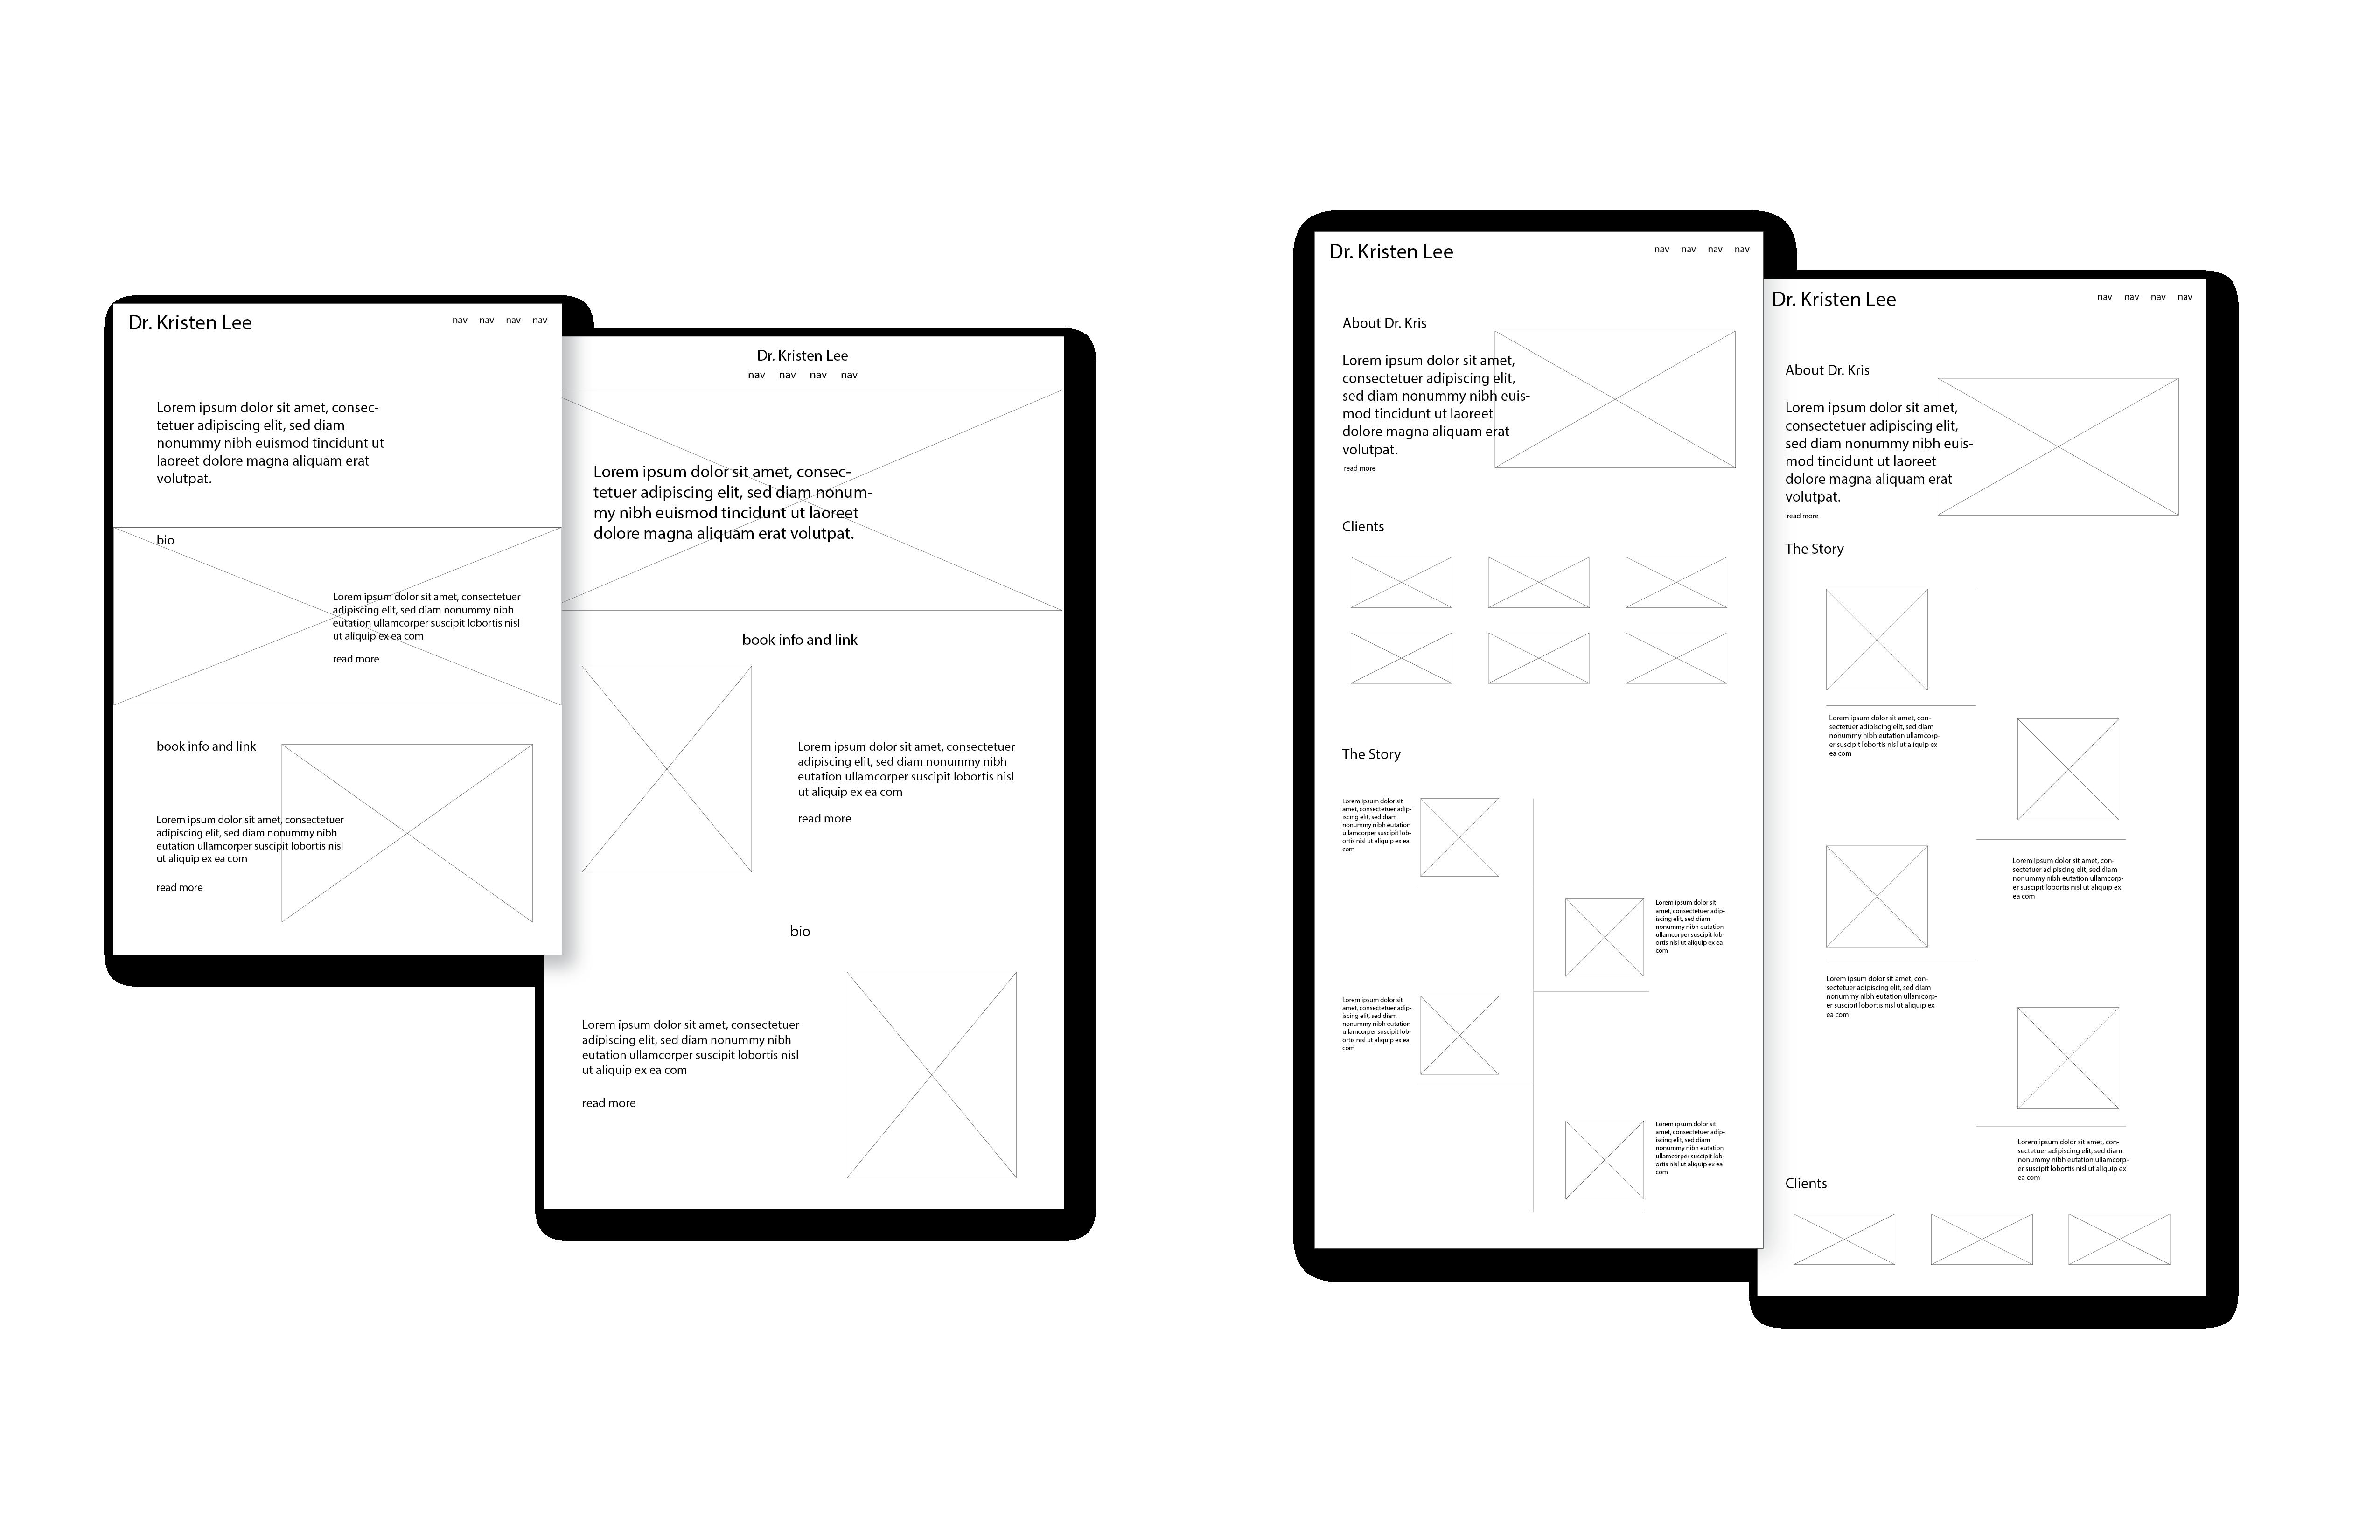 DrKris-Portfolio_Build_05-26-05